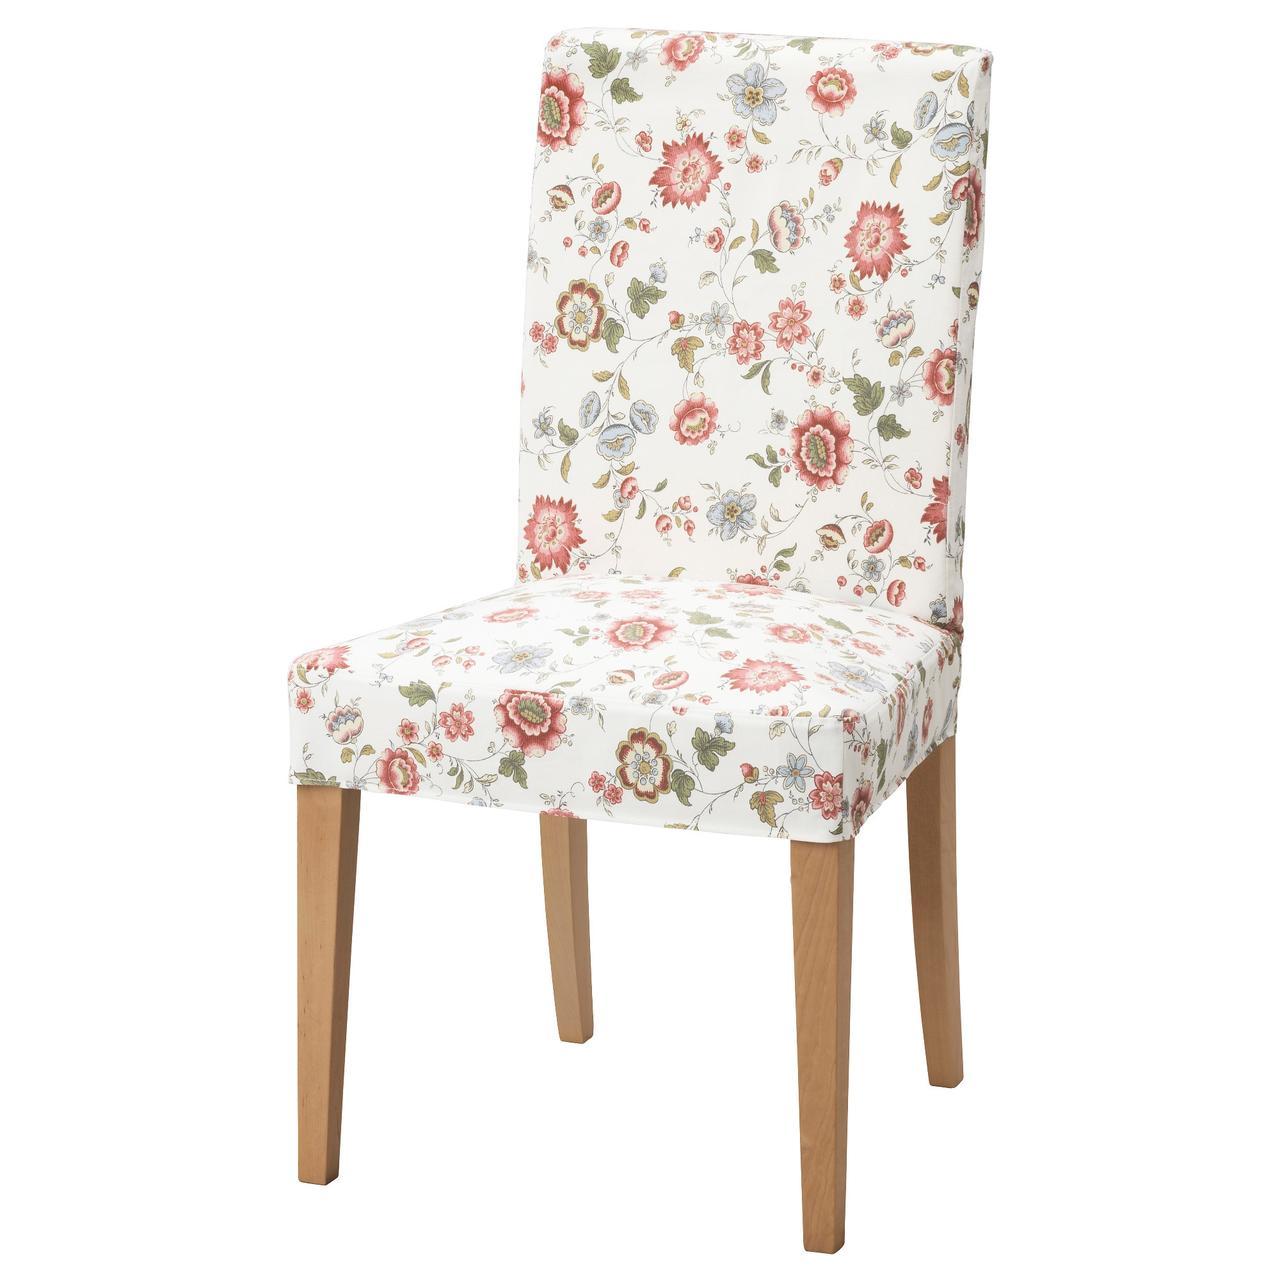 Кресло кухонное IKEA HENRIKSDAL Videslund береза разноцветное 292.463.65